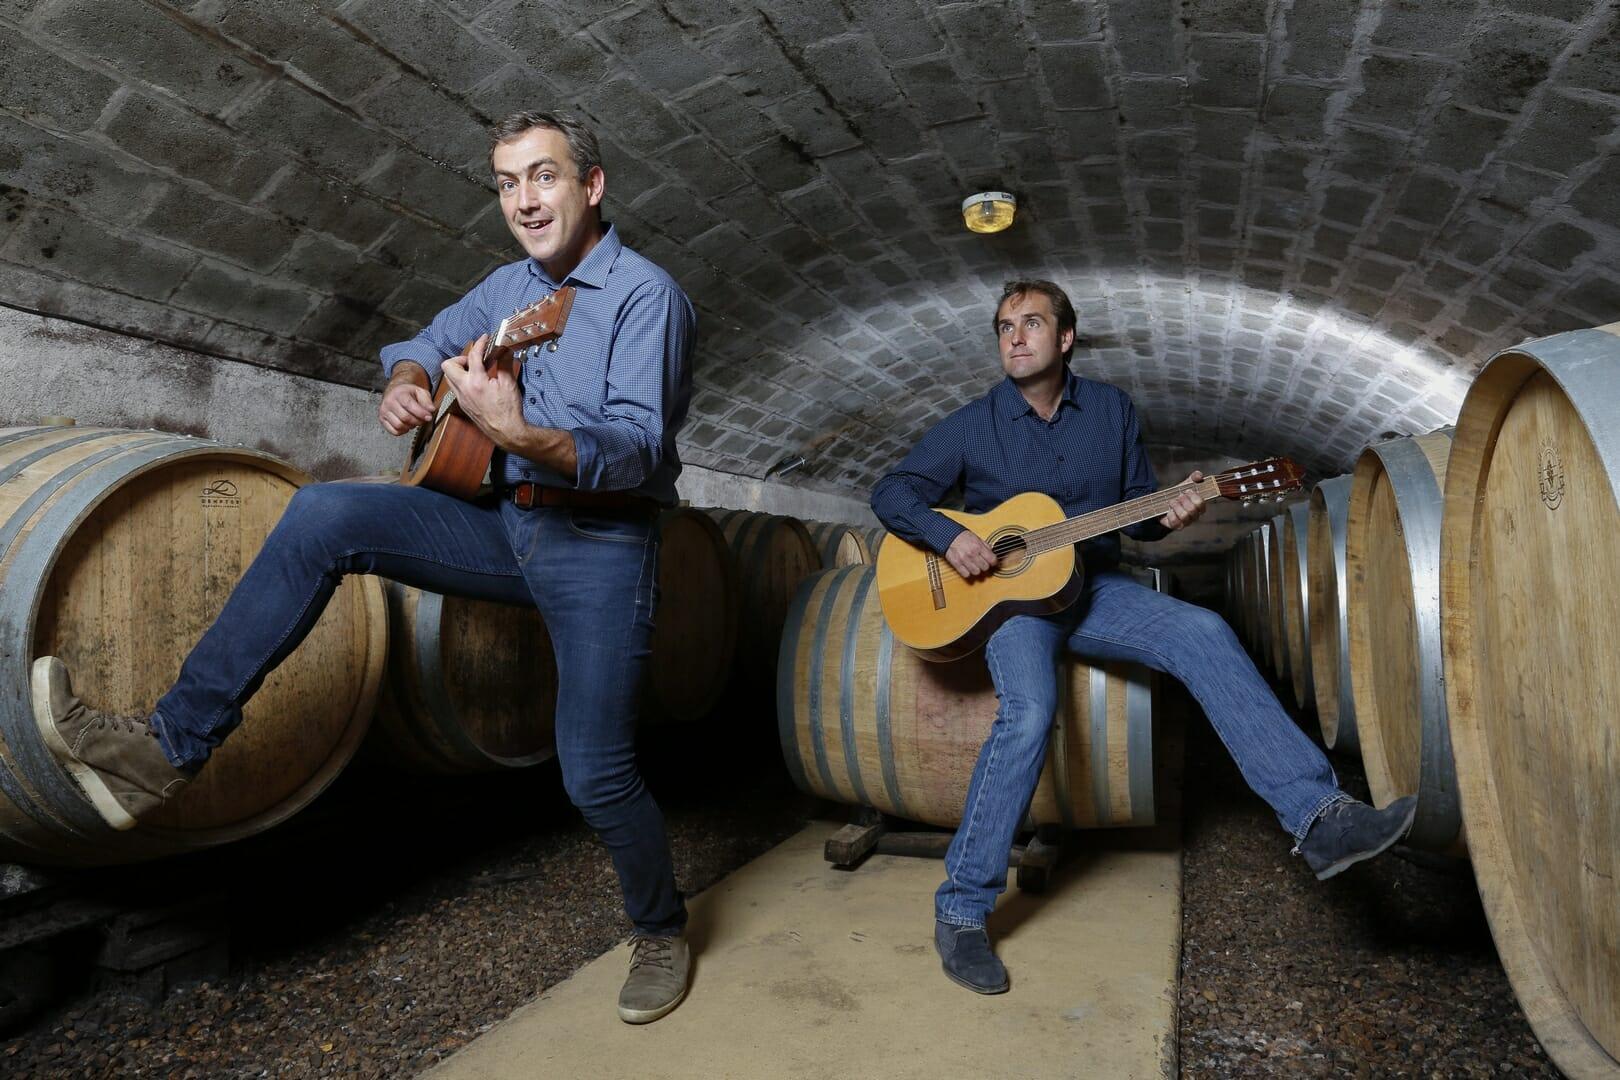 Frères JAMET Visite en cave Domaine des Vallettes Saint Nicolas de Bourgueil